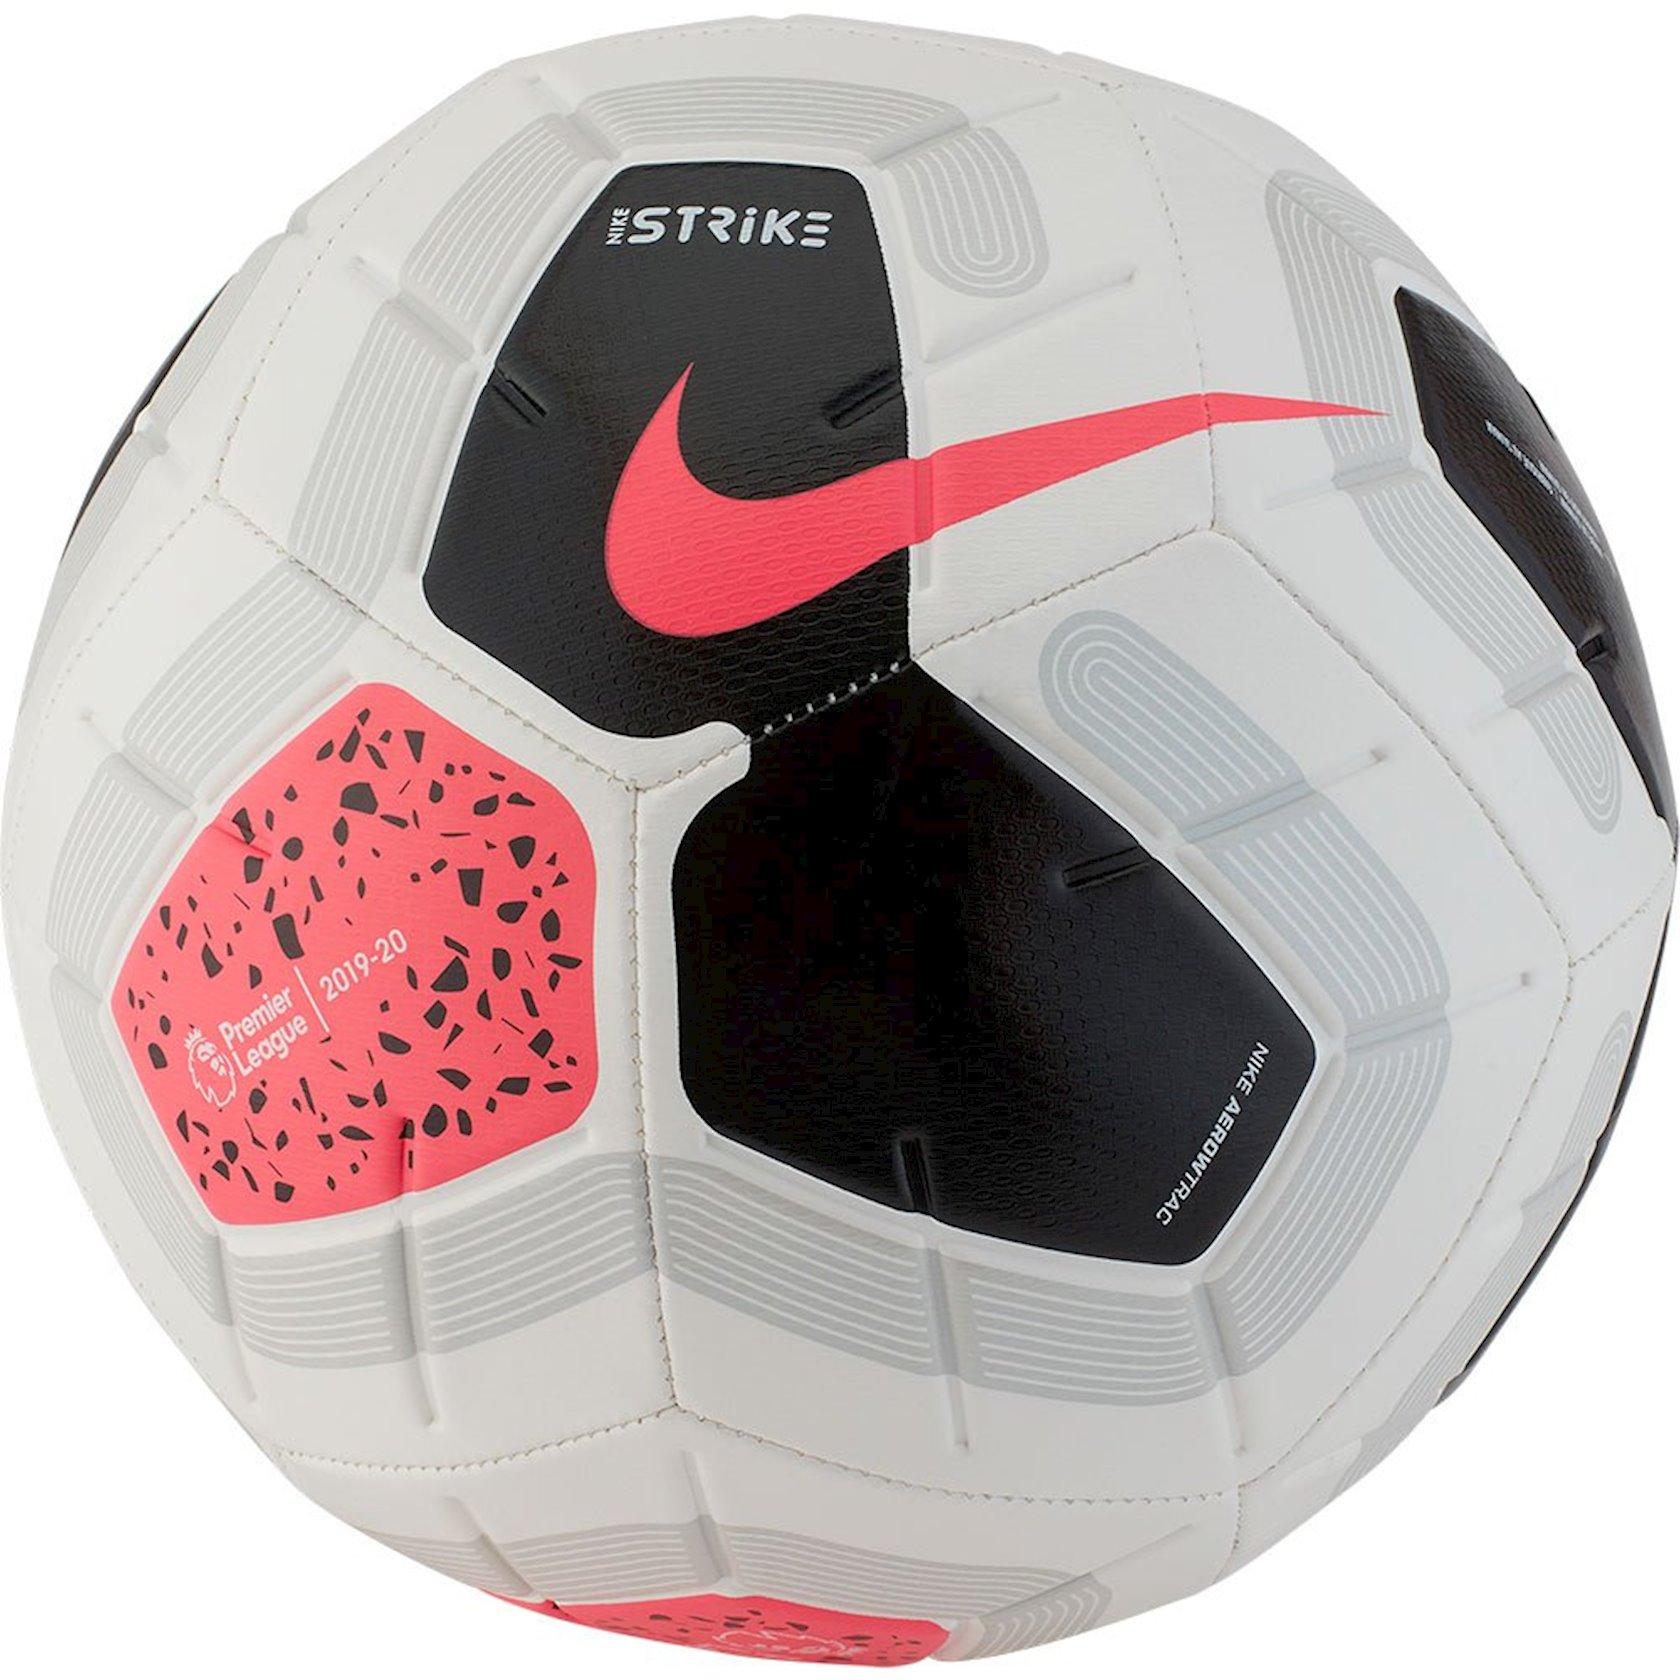 Futbol topu Nike Strike Premier League FA19, ölçü: 5